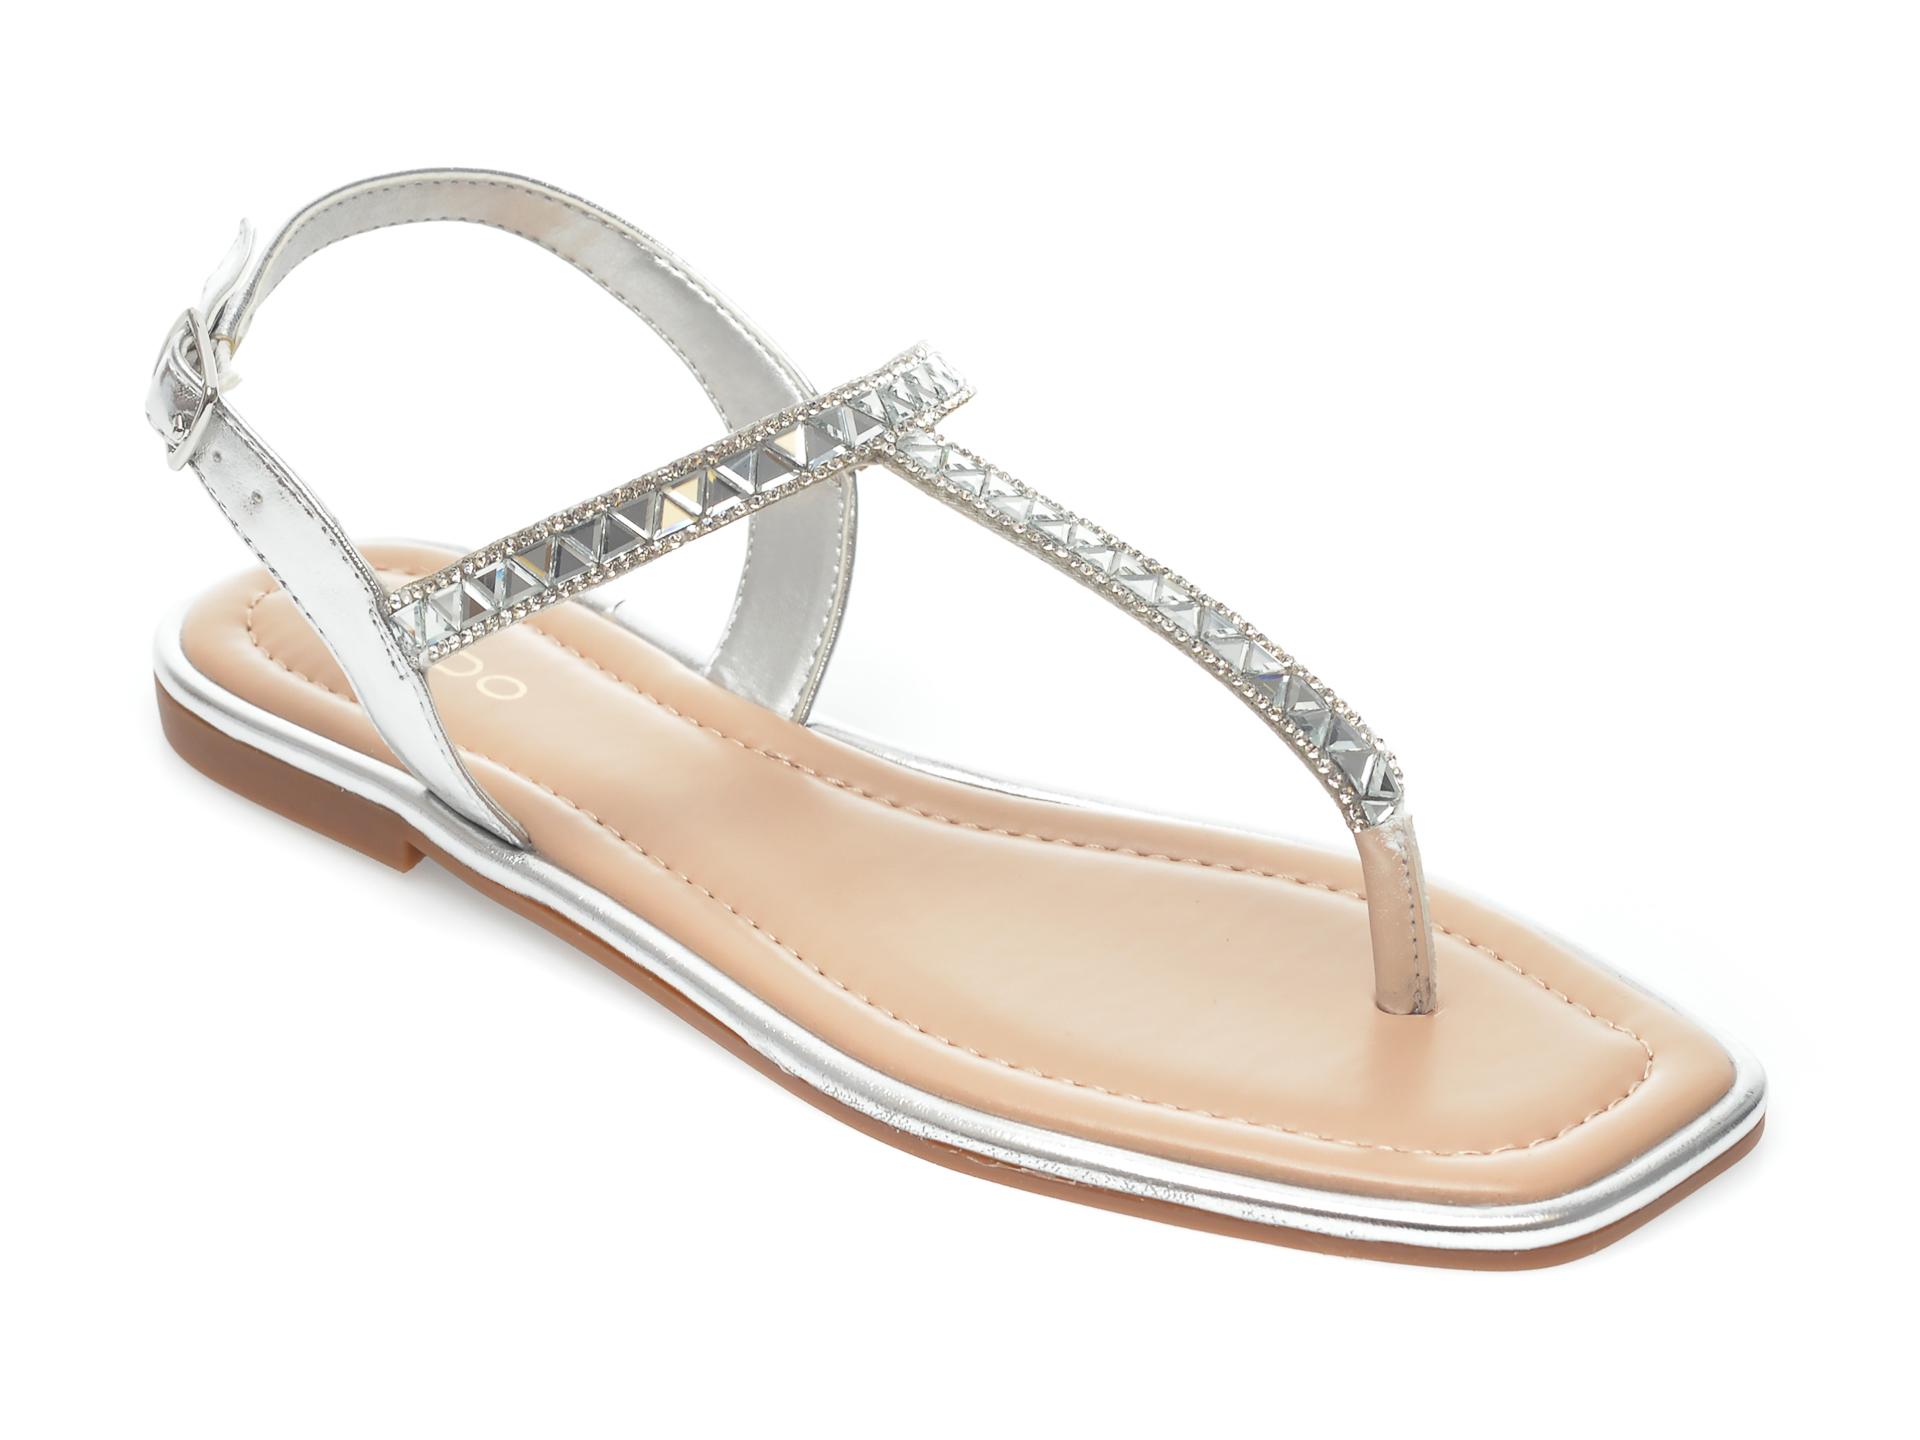 Sandale ALDO argintii, Sheina040, din piele ecologica imagine otter.ro 2021